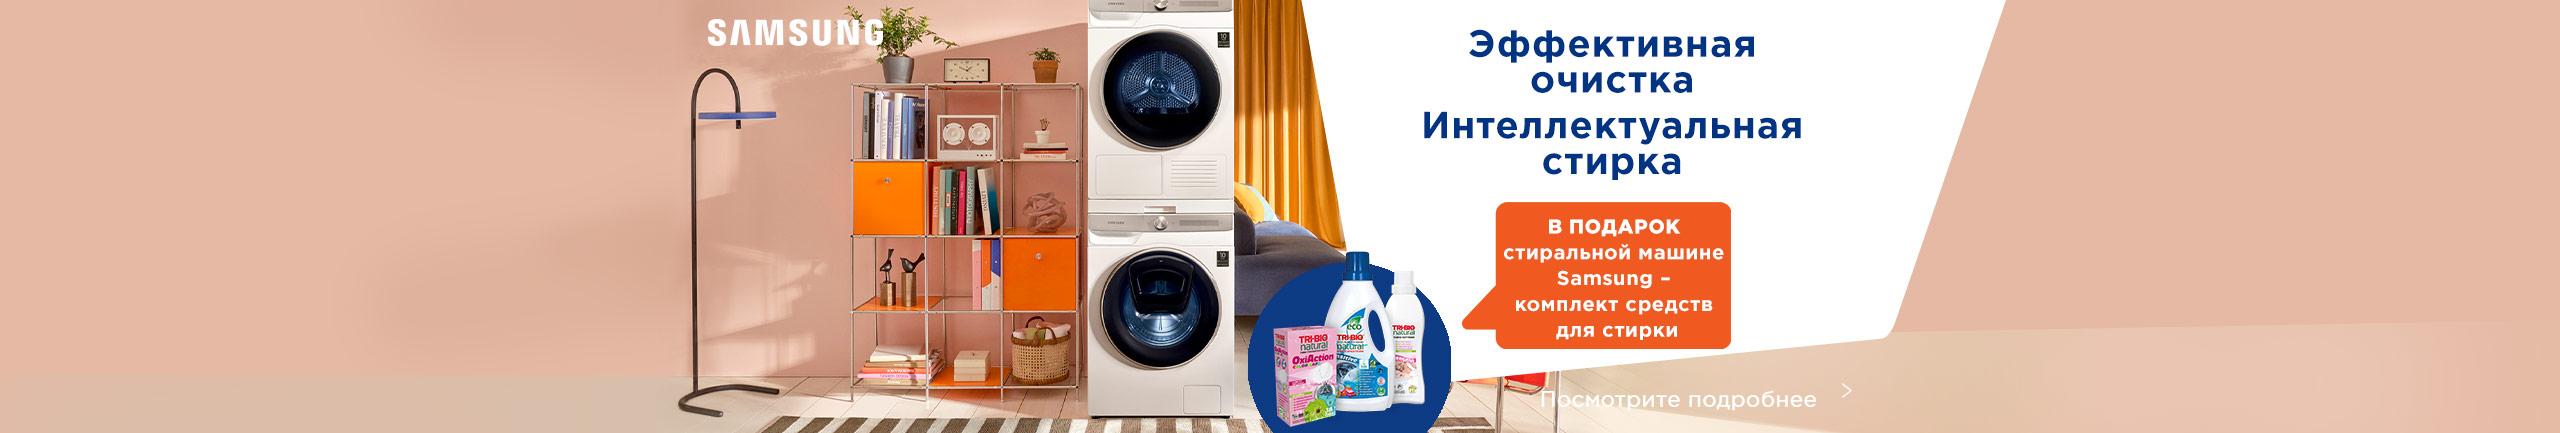 В подарок к стиральной машине Samsung – комплект средств для стирки